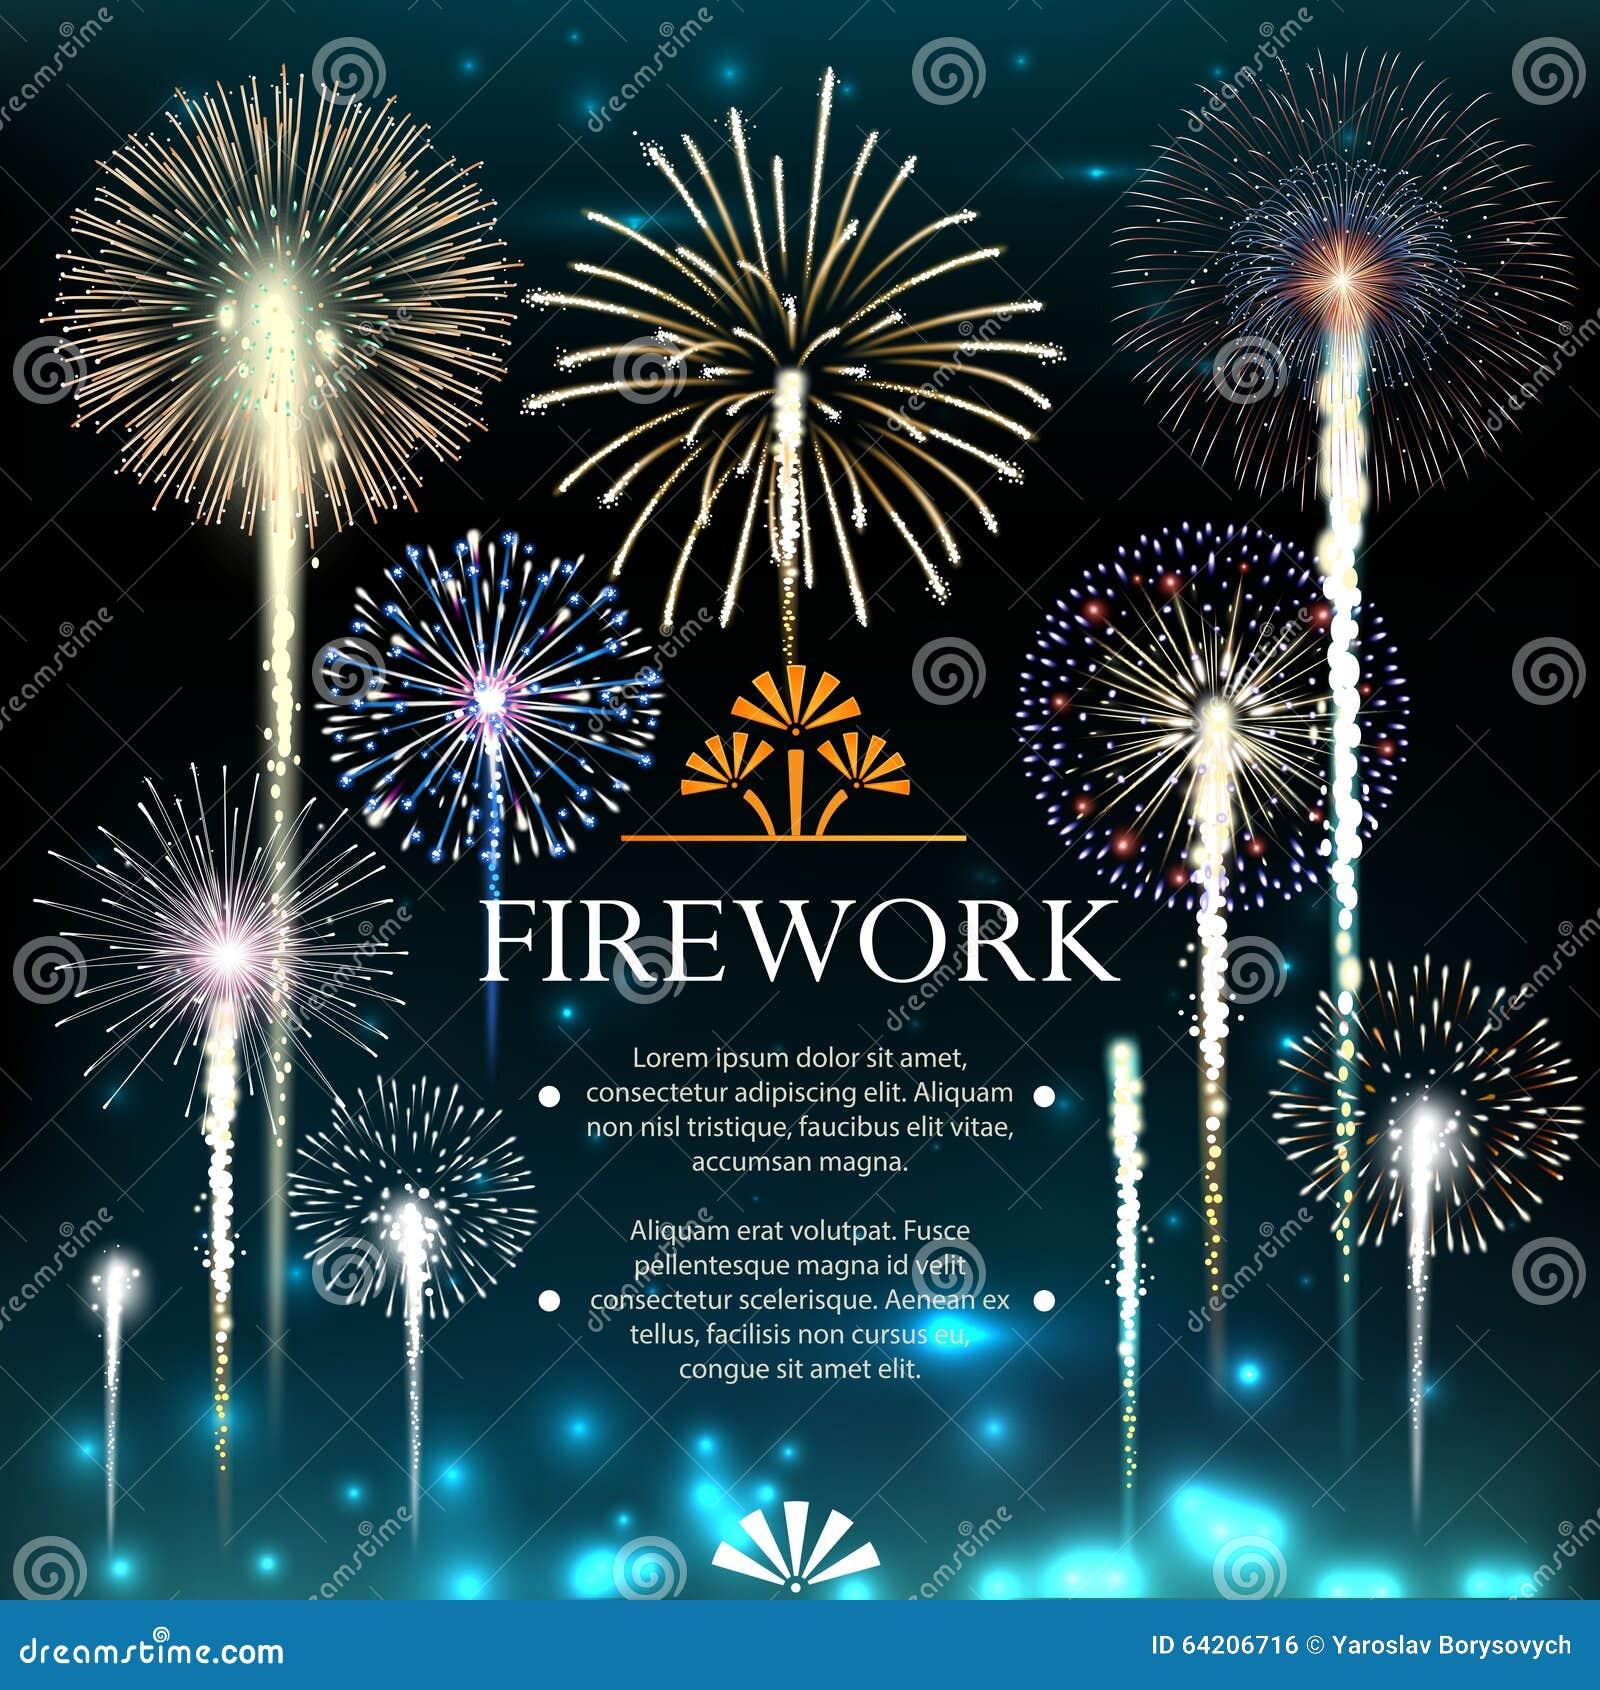 Sistema de fuegos artificiales, bandera festiva, invitación a un día de fiesta